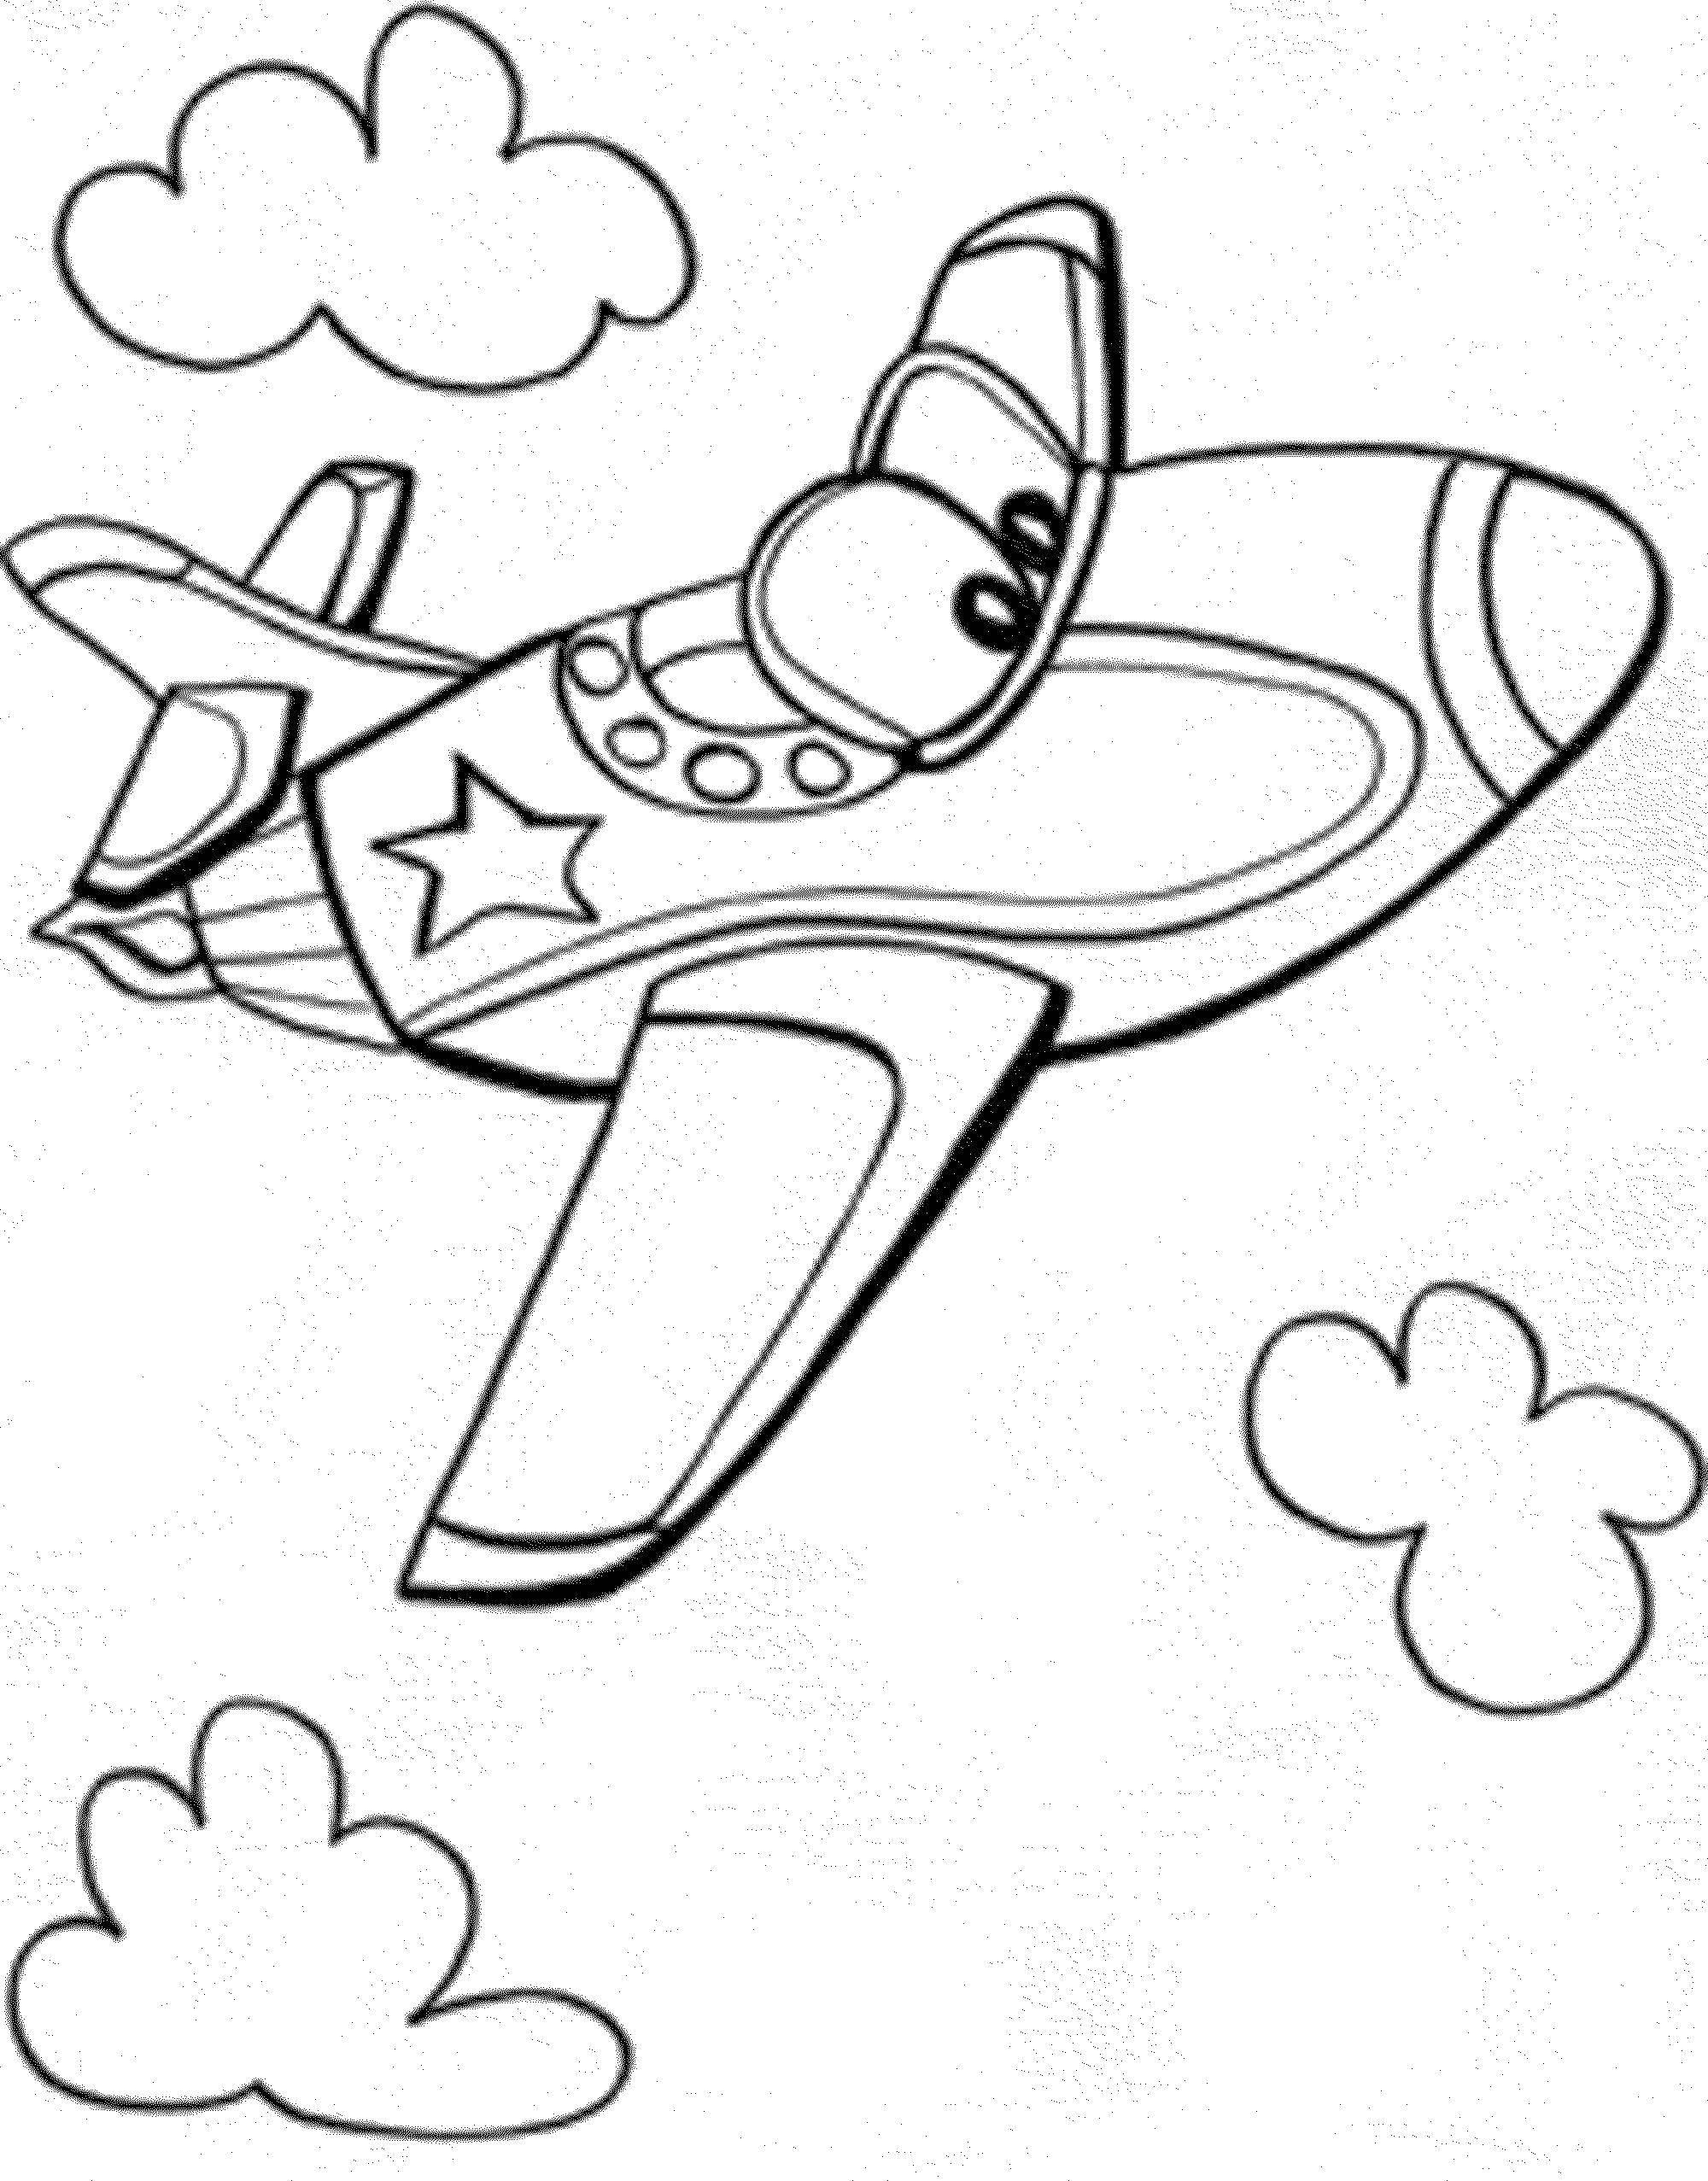 Раскраски самолет, Раскраска Самолет Самолеты.